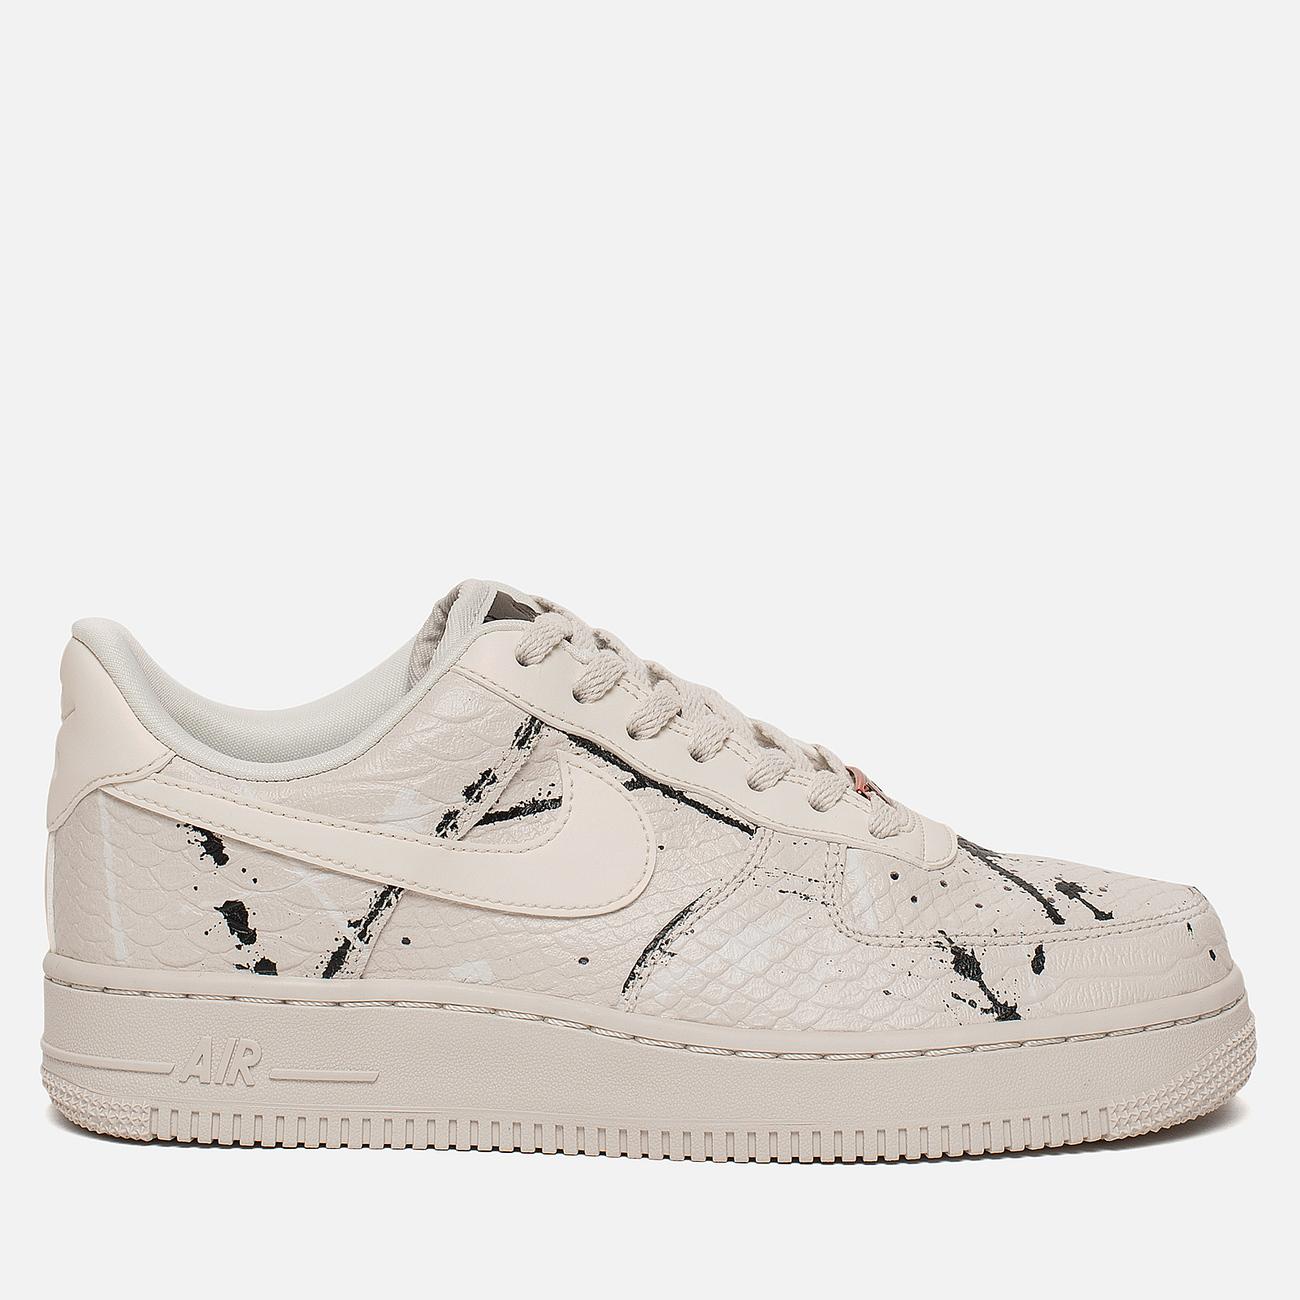 nike air force 1 07 lx white beige